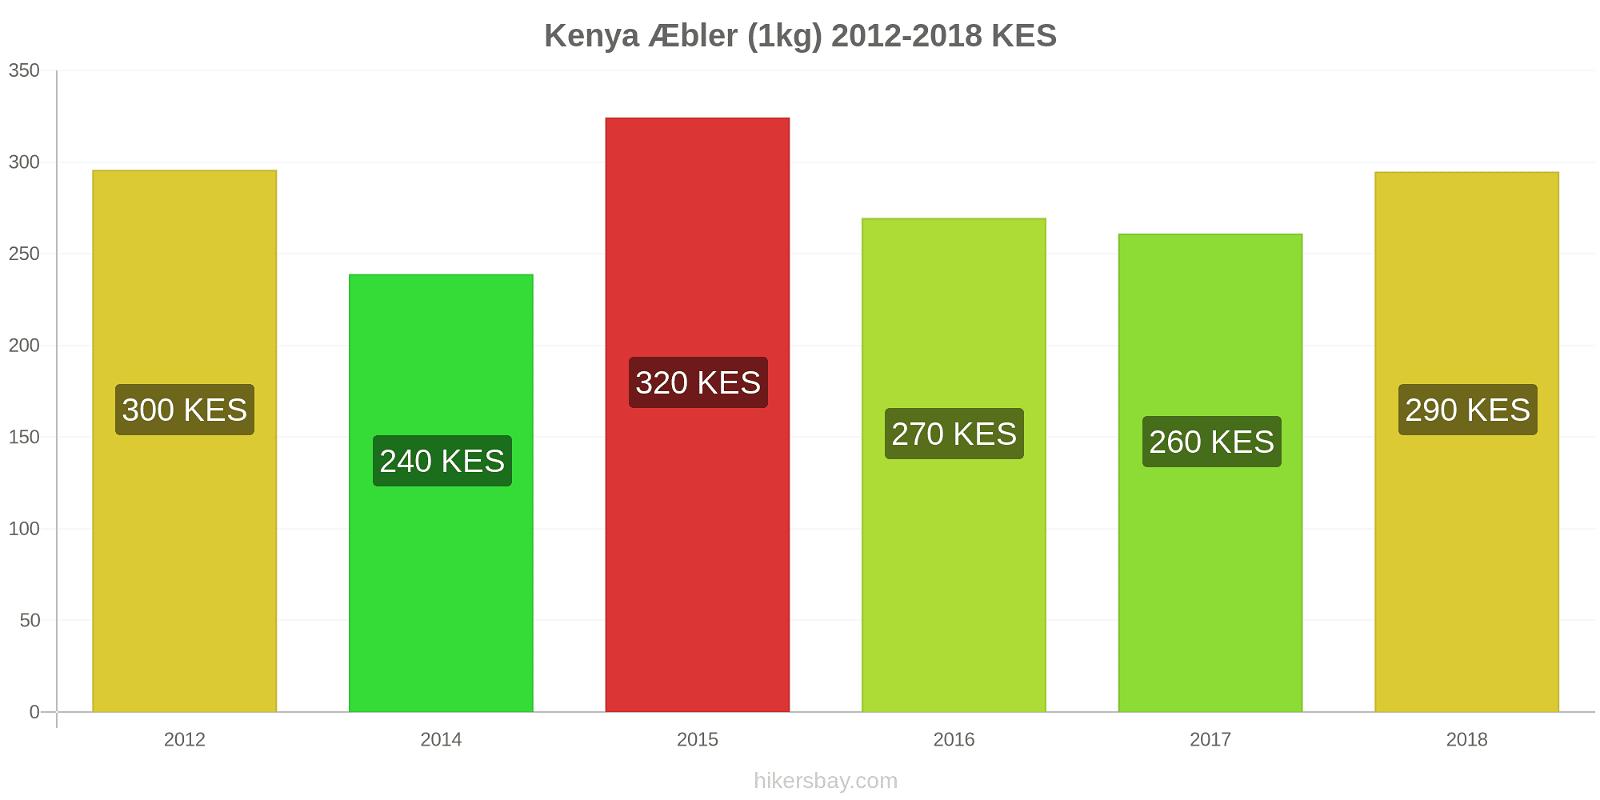 Kenya prisændringer Æbler (1kg) hikersbay.com